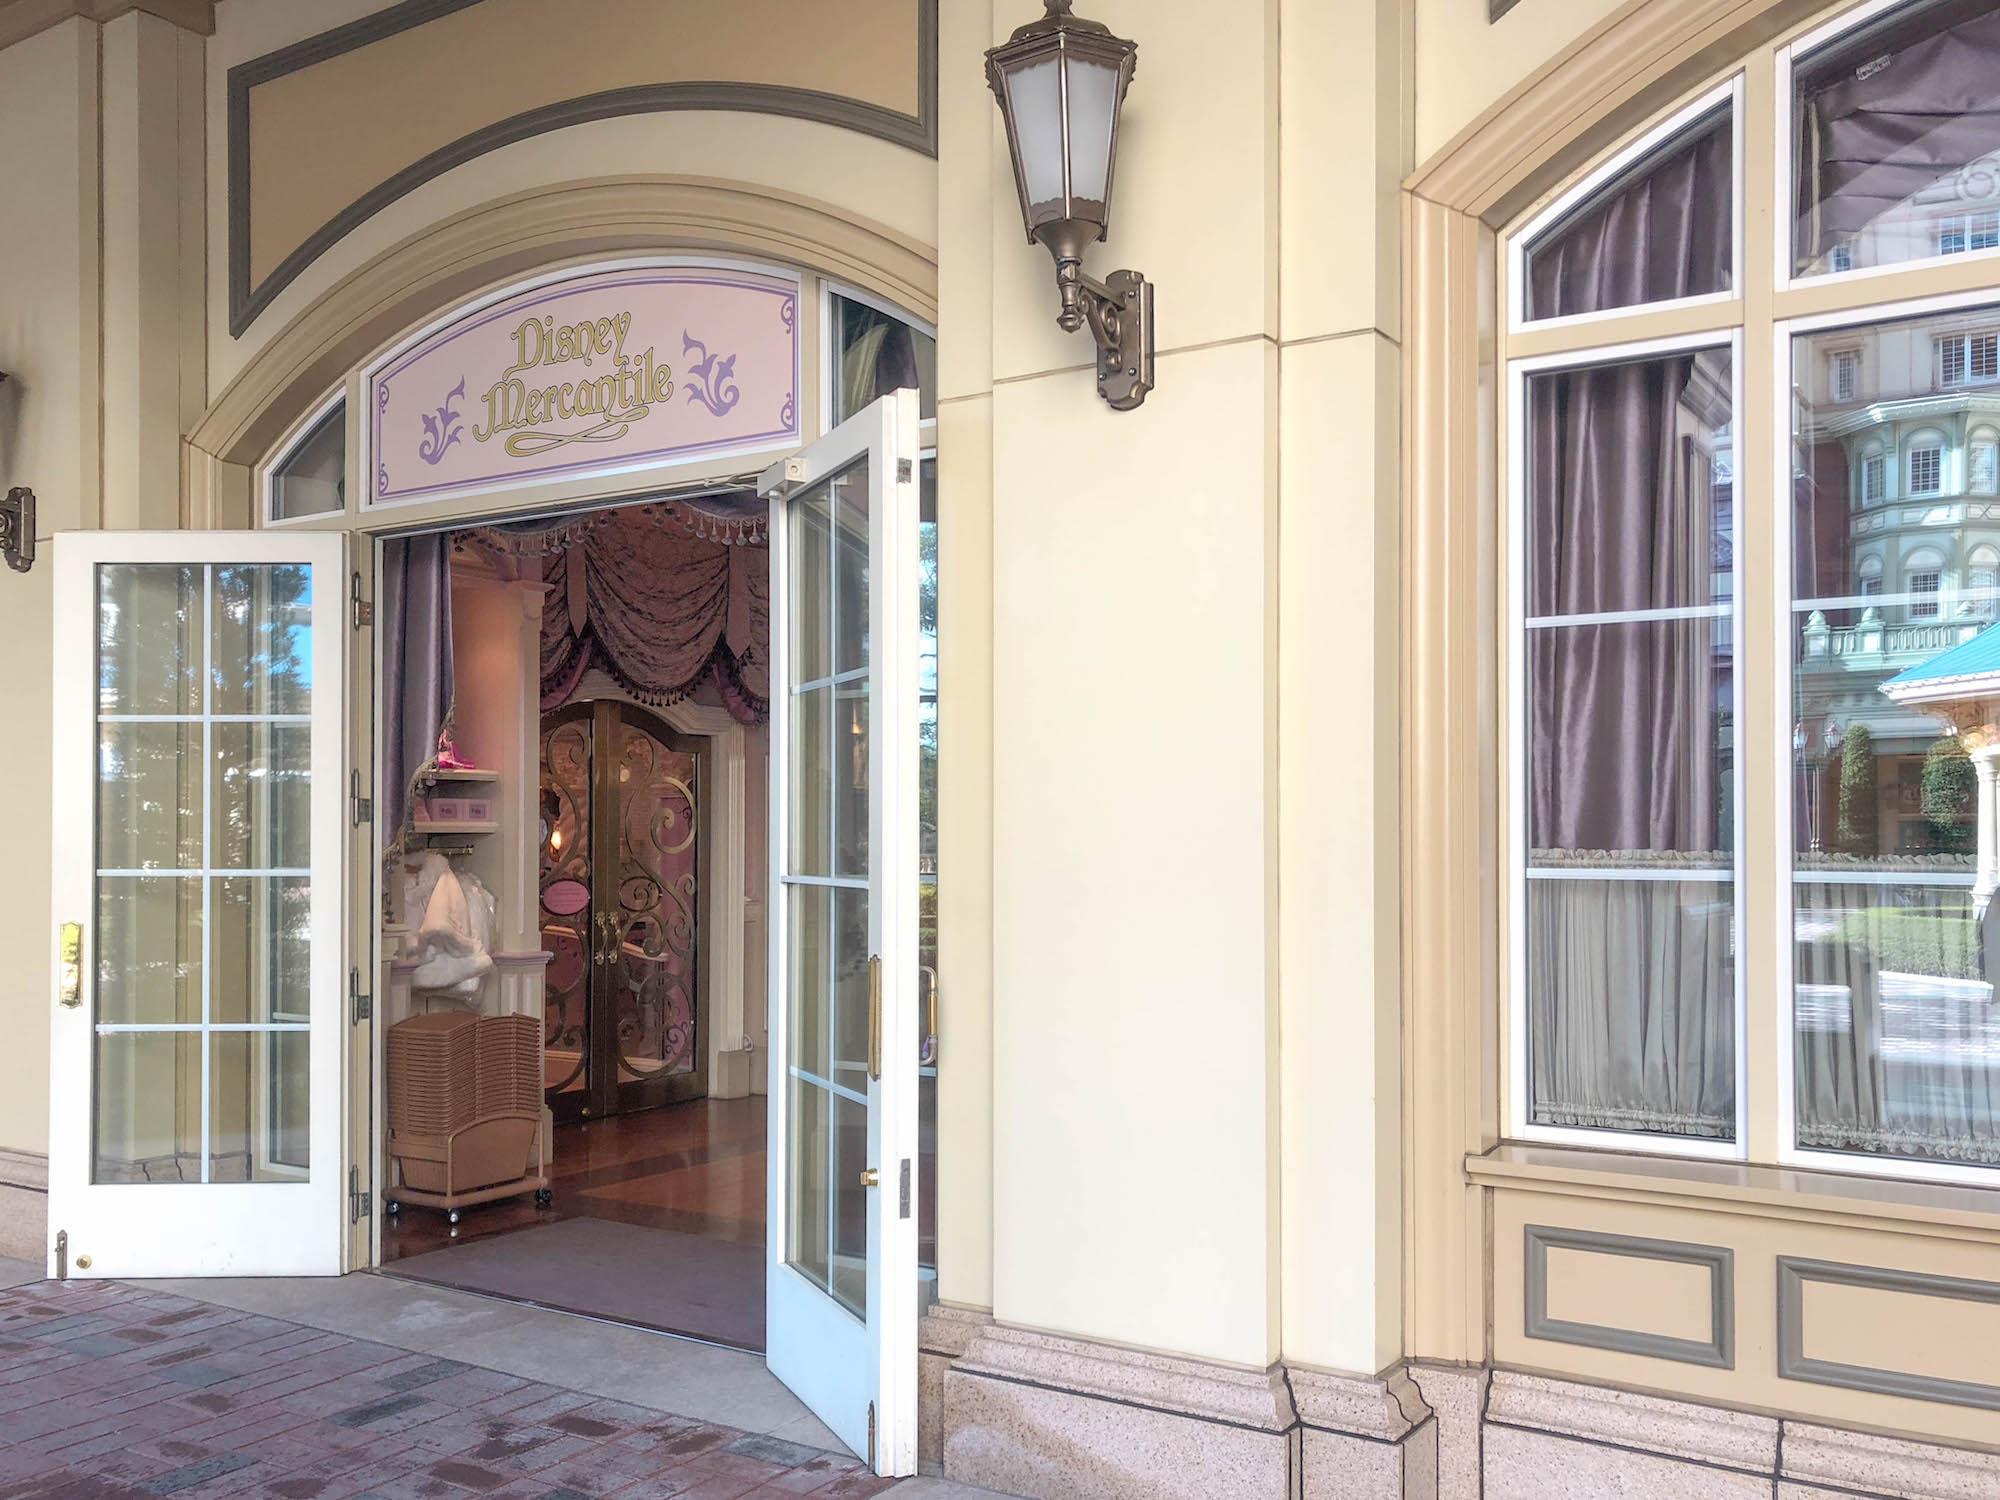 迪士尼商店Disney Mercantile